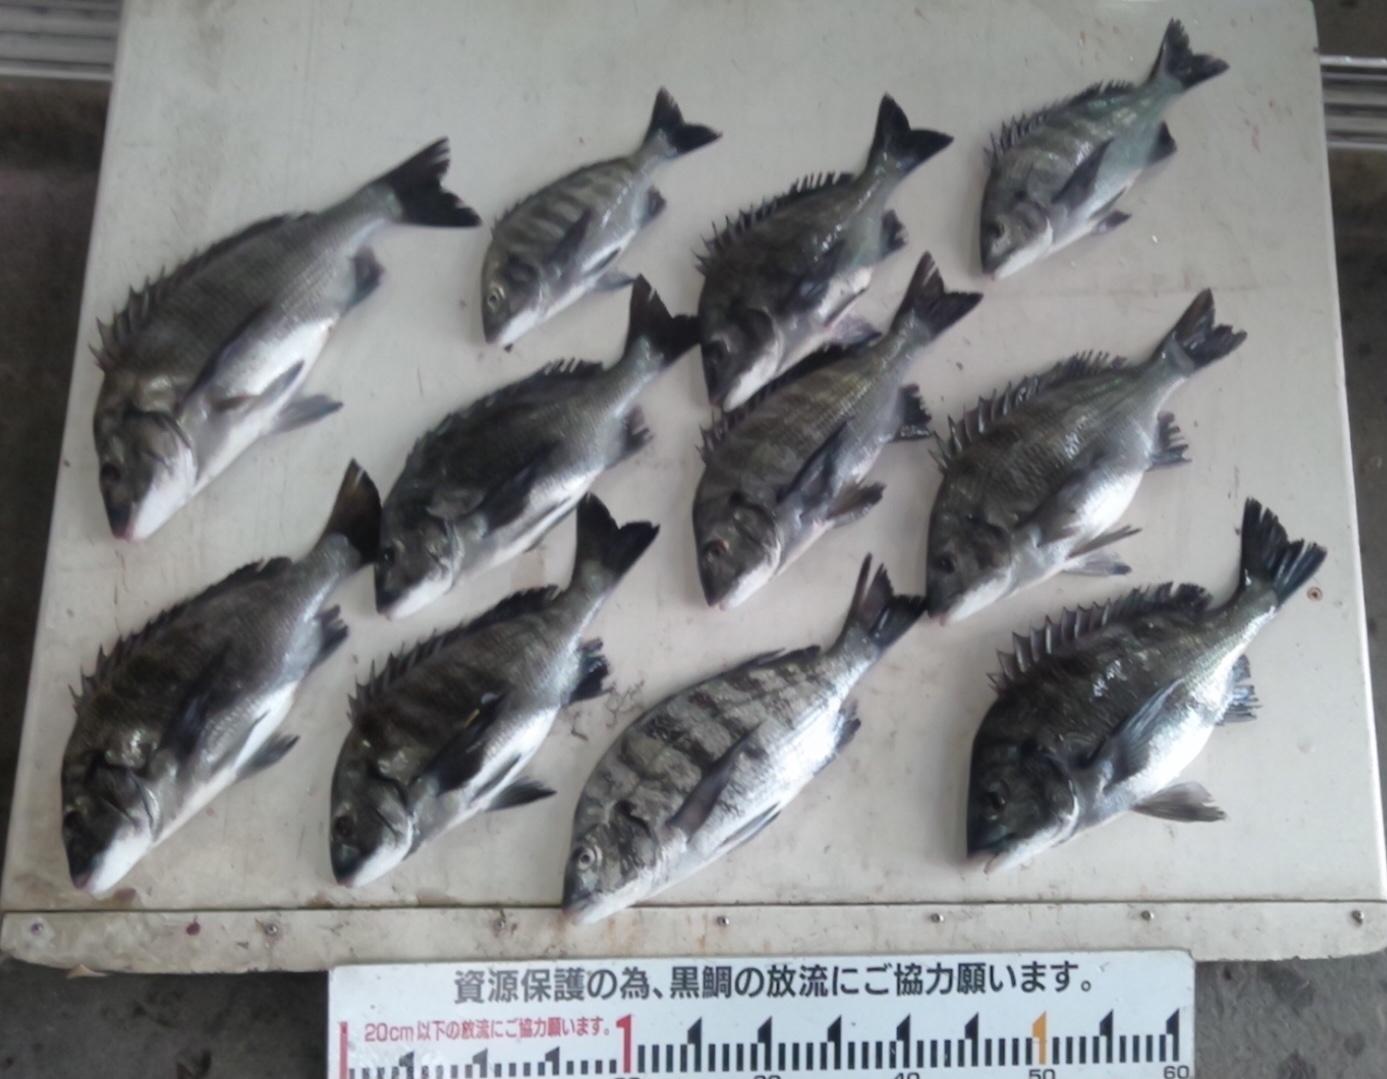 離岸堤で良型揃いで二桁釣果達成(^^)vサムネイル